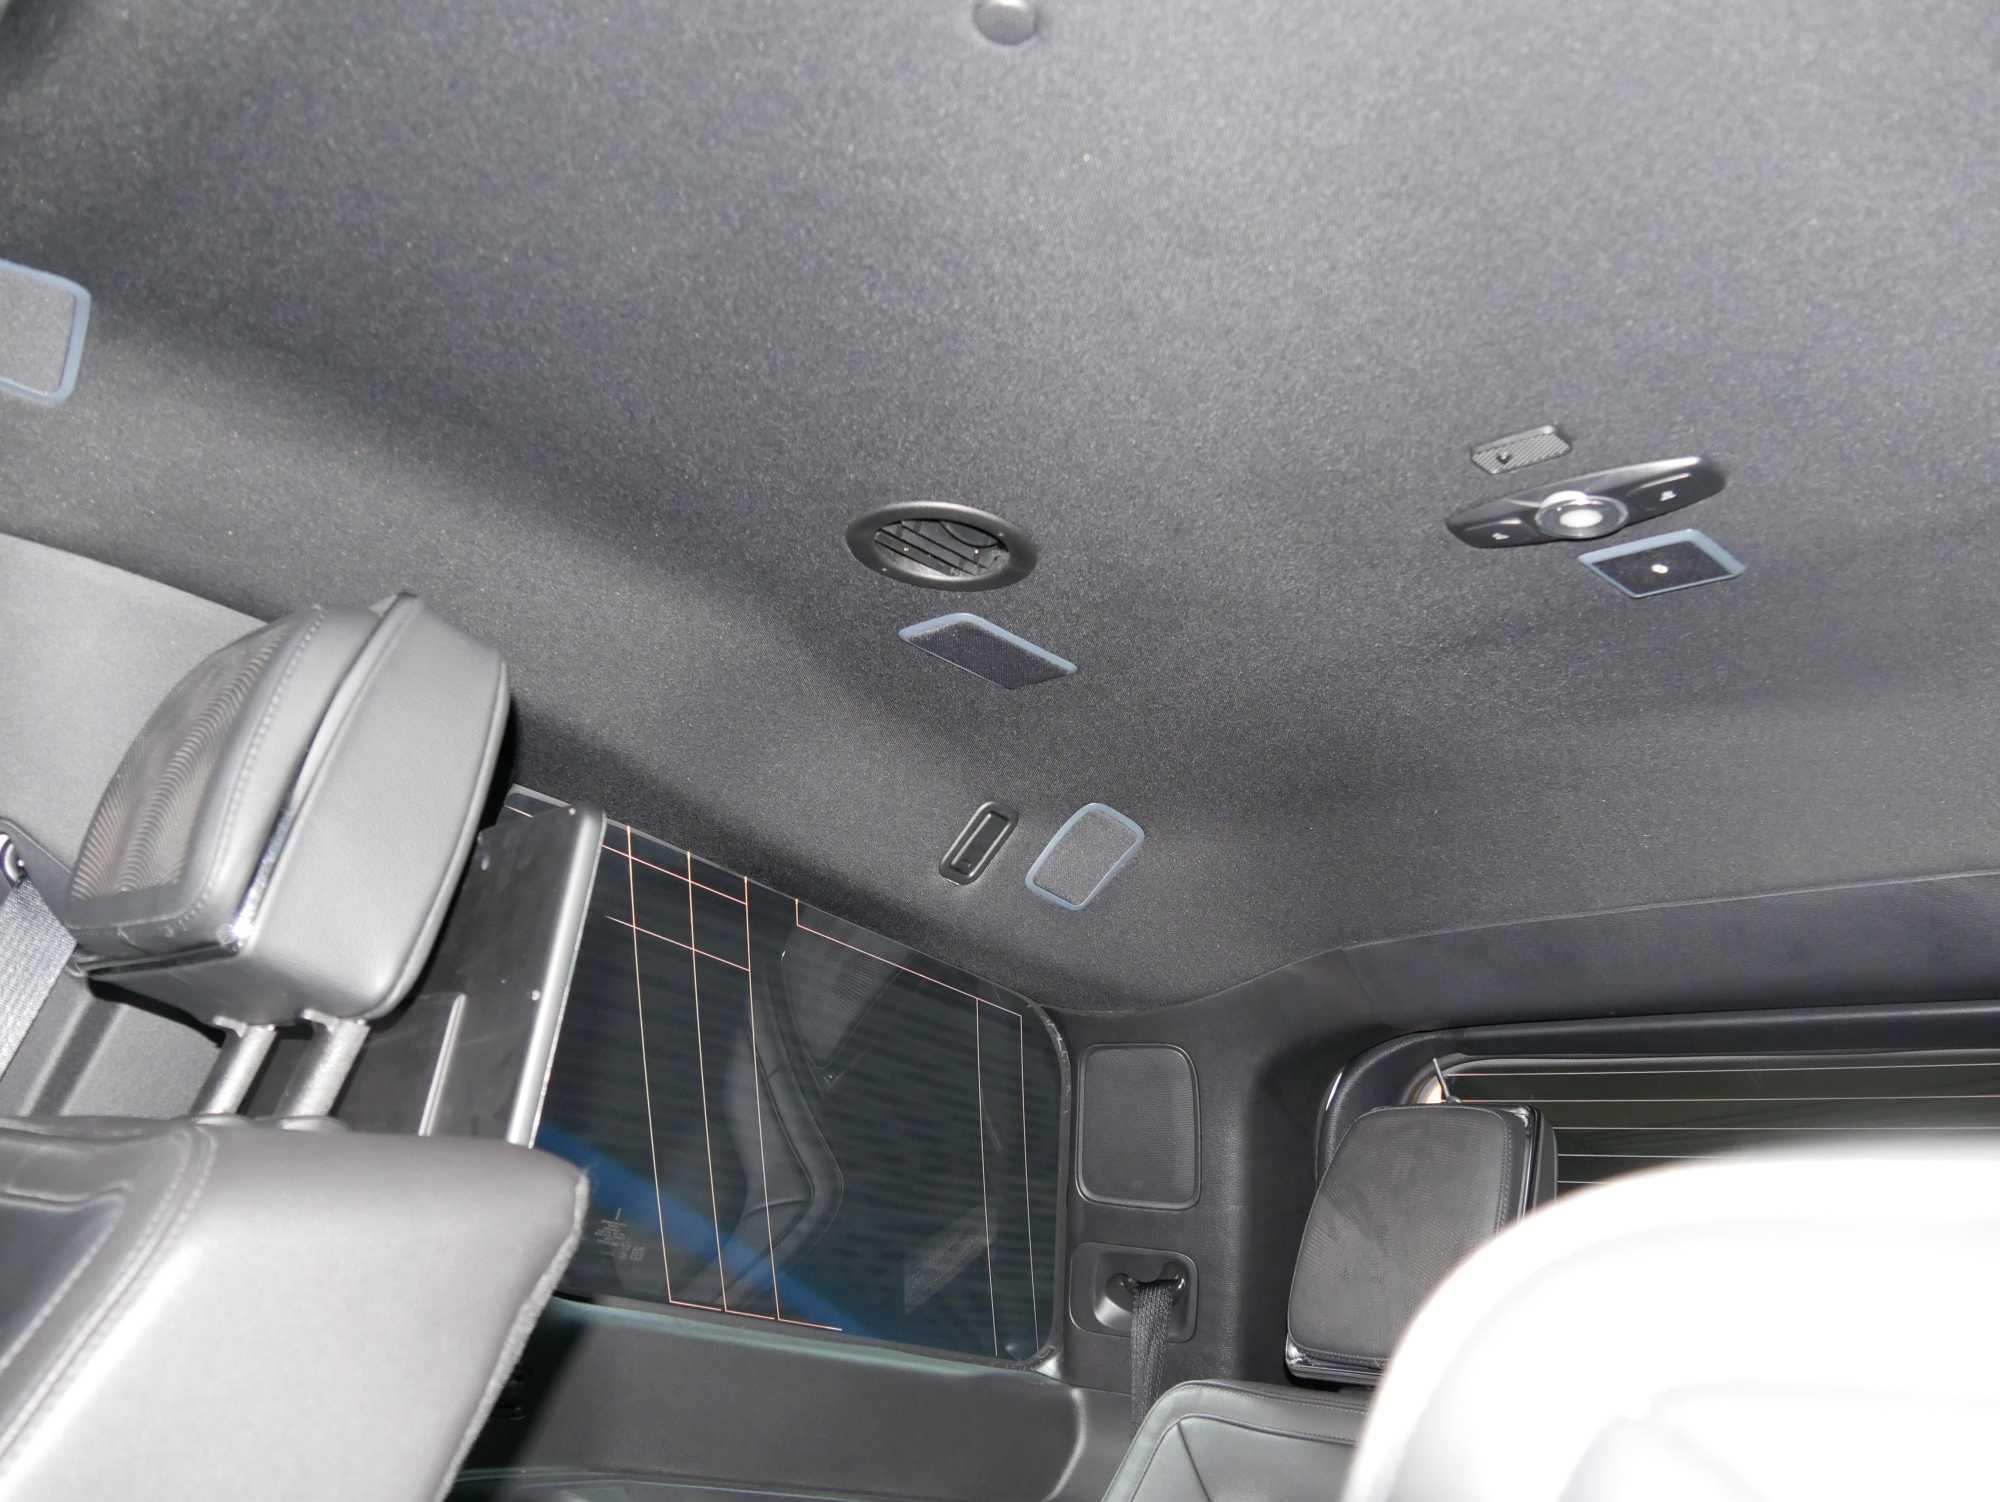 Gut zu sehen sind die kleinen Lautsprecher, die seitlich und oben im Dachhimmel eingearbeitet sind.